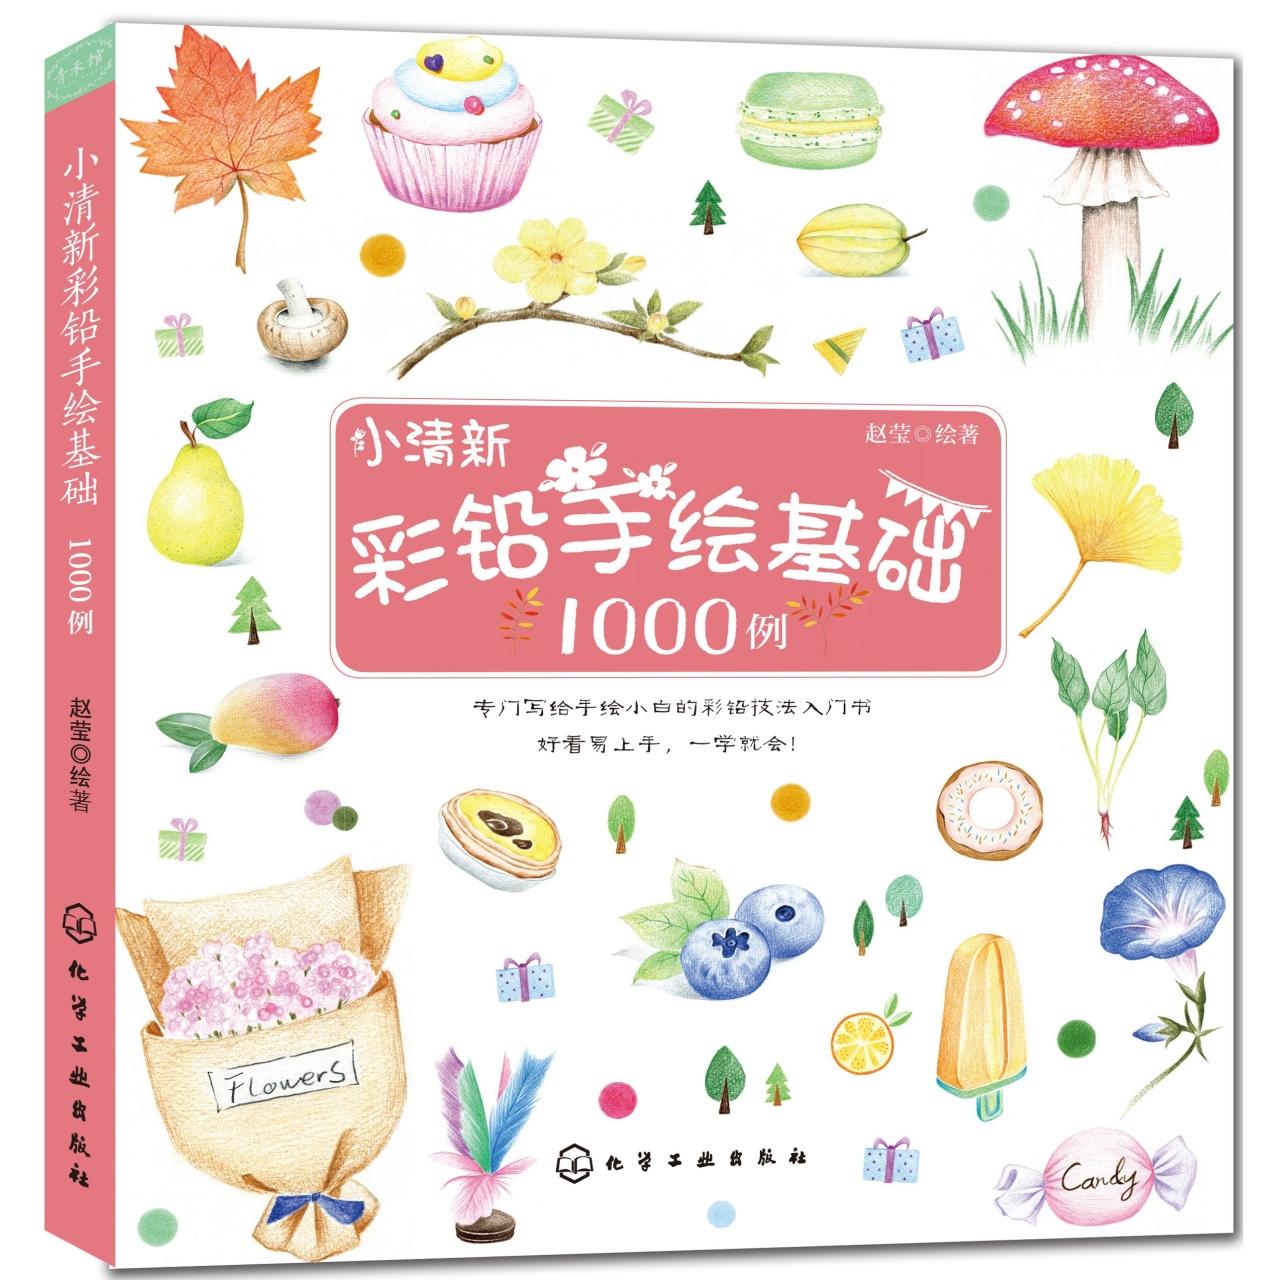 小清新 彩铅手绘基础1000例 【儿童手账绘画/基础绘画】